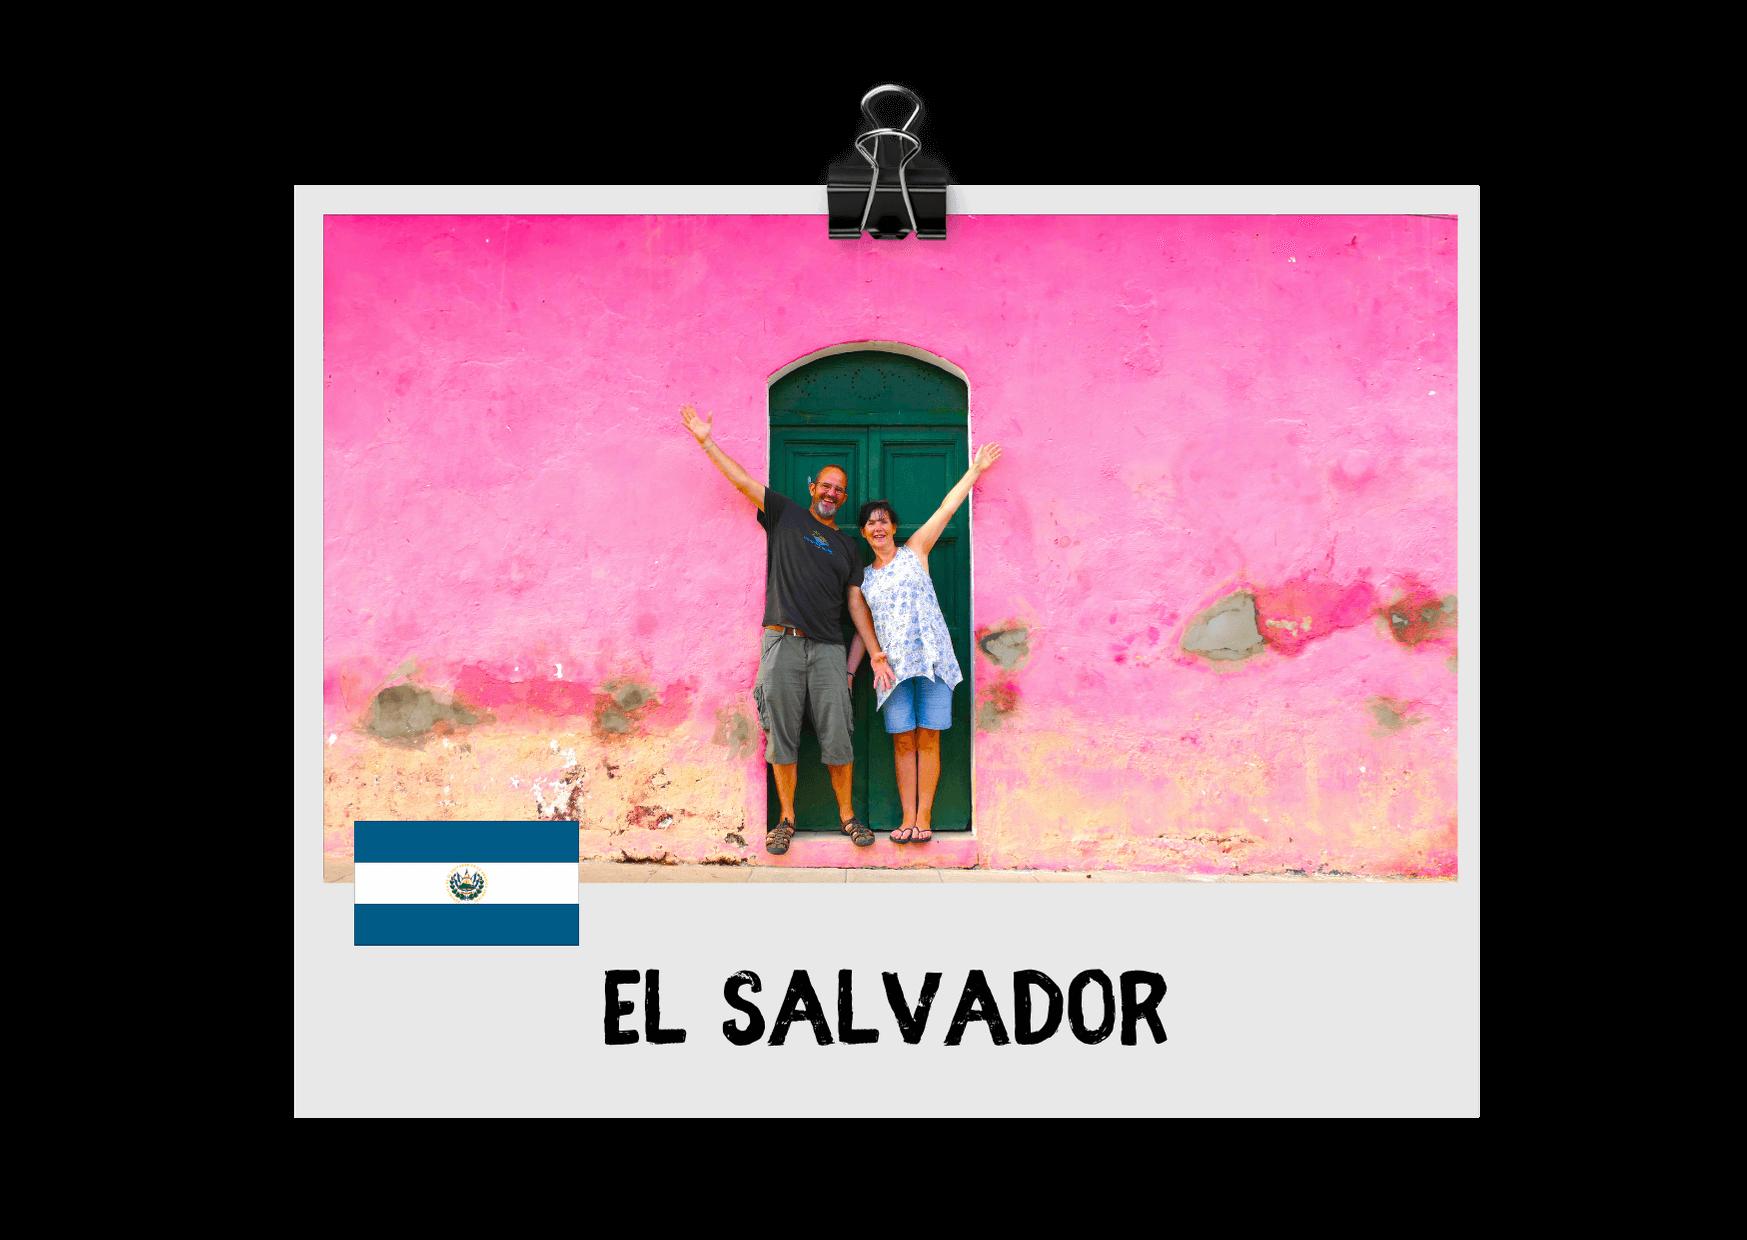 Backpacking in El Salvador